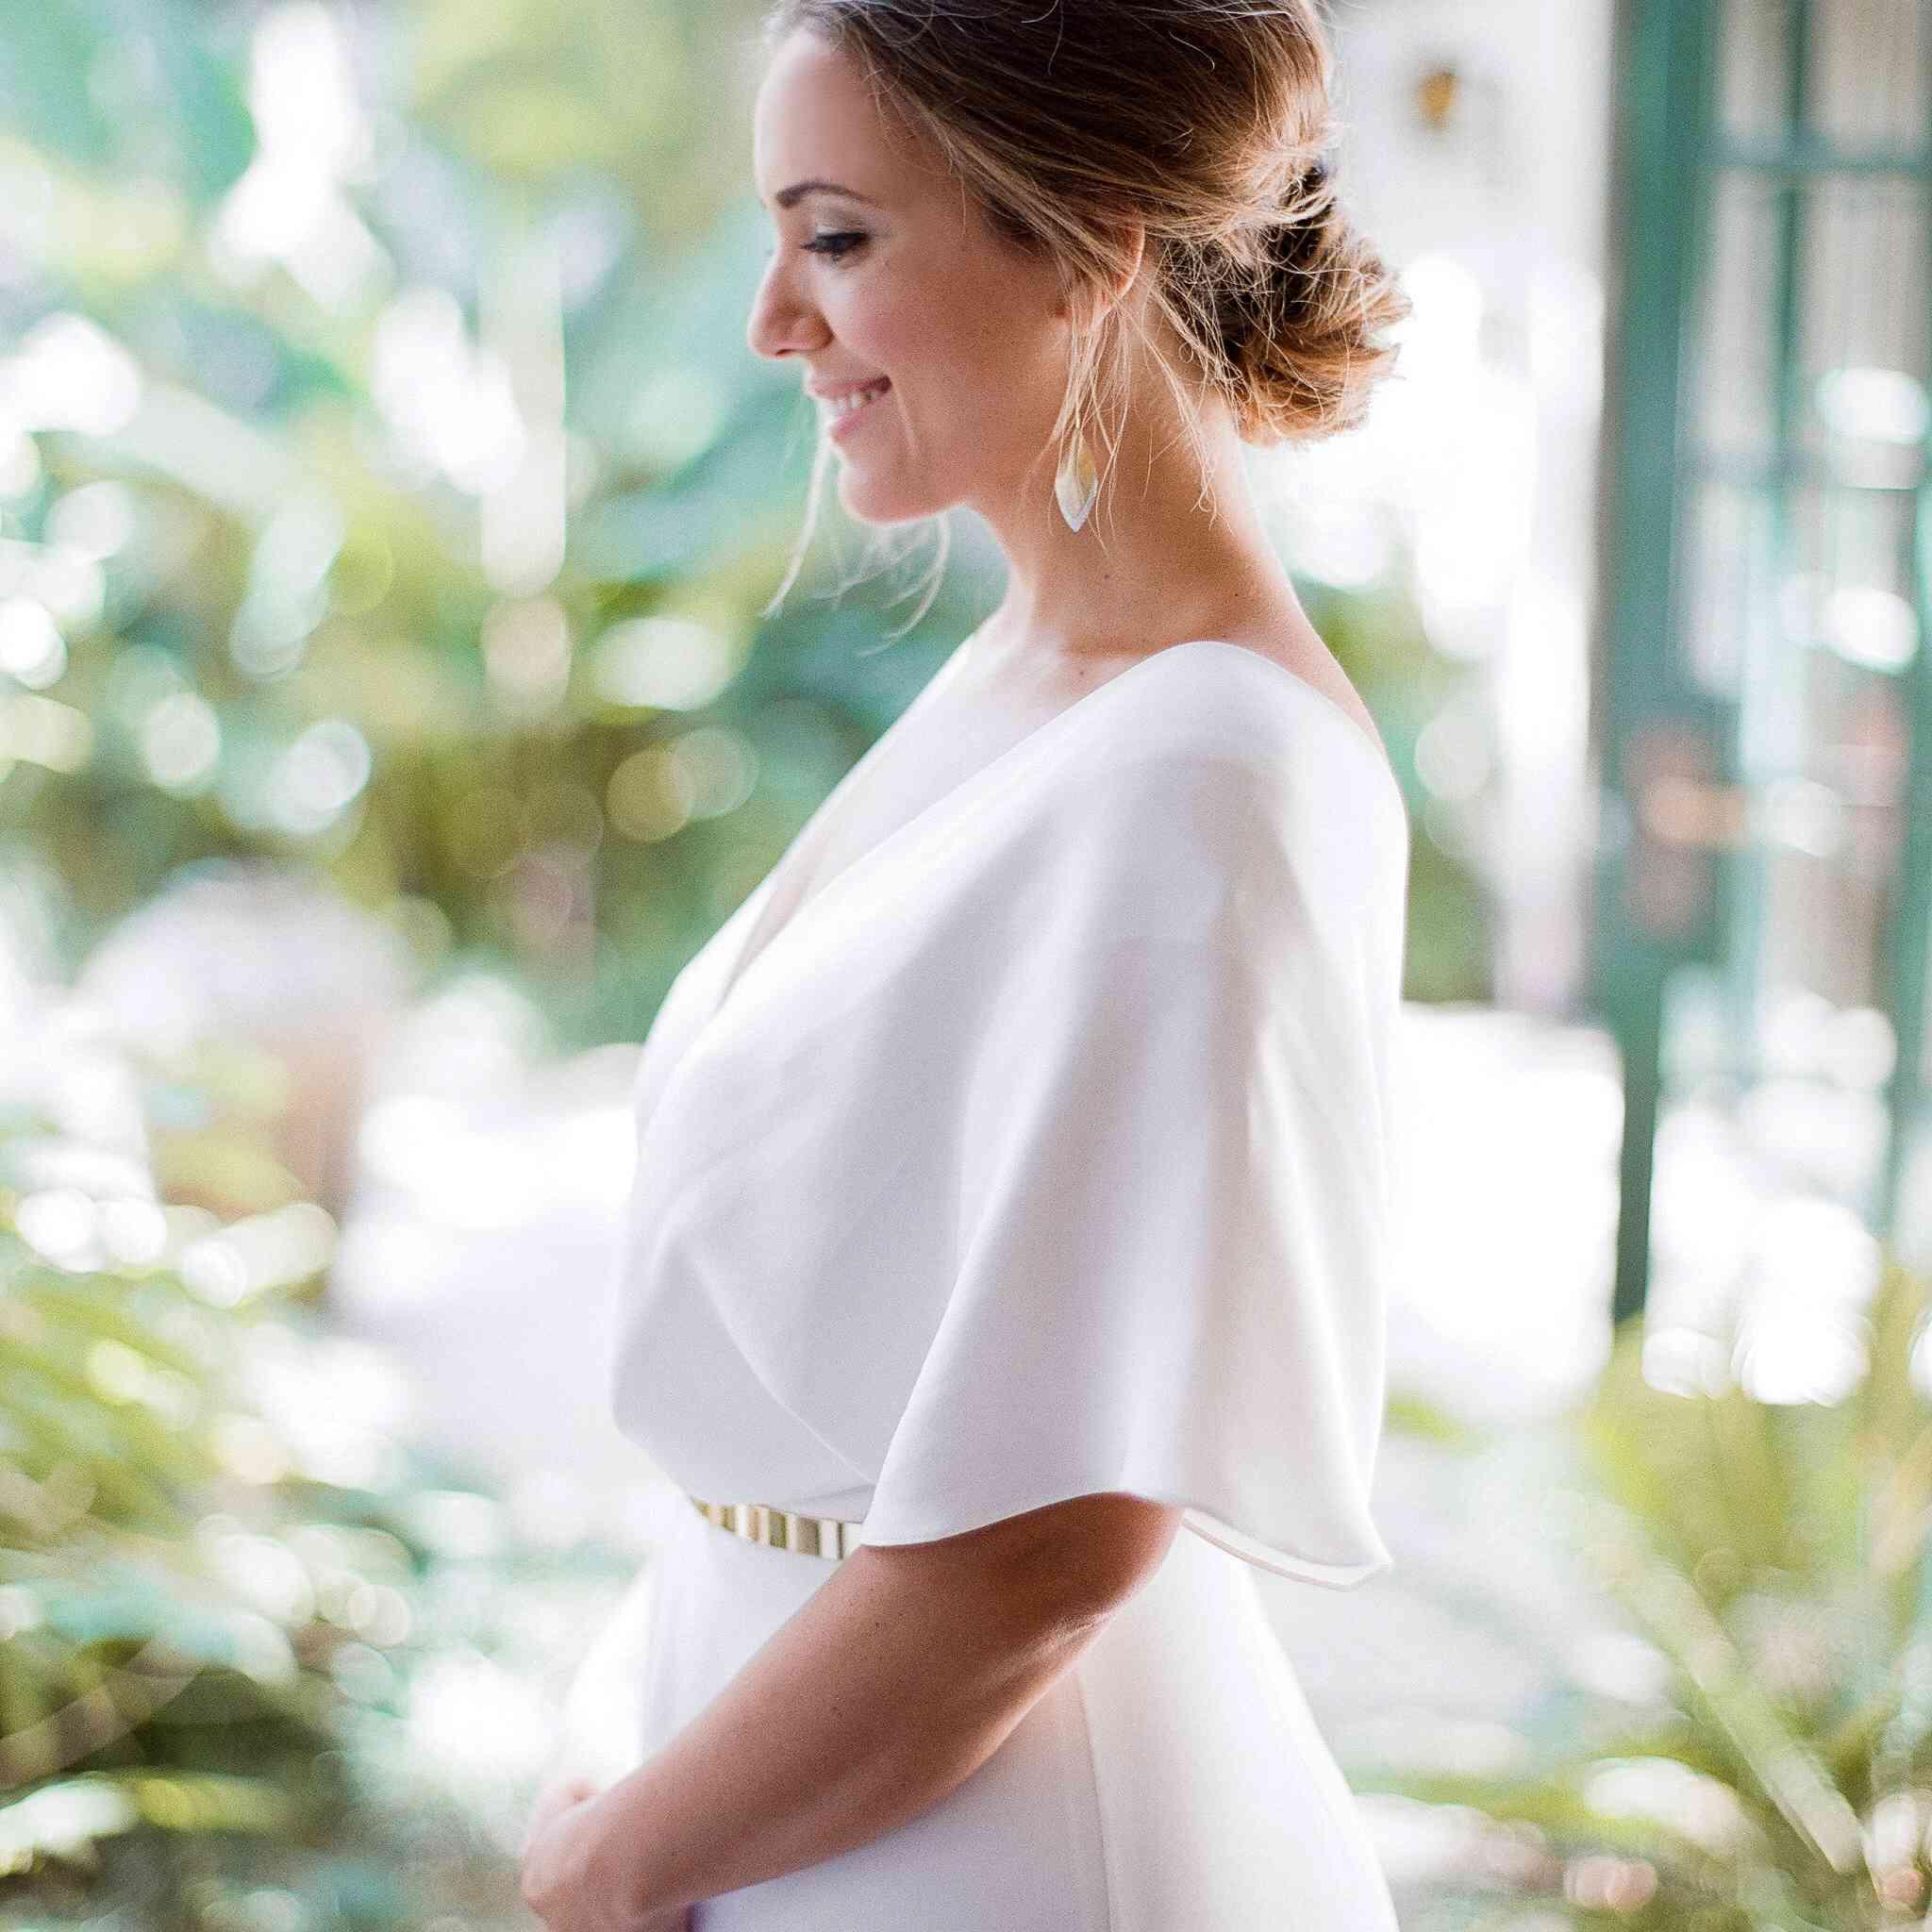 Solo shot of bride